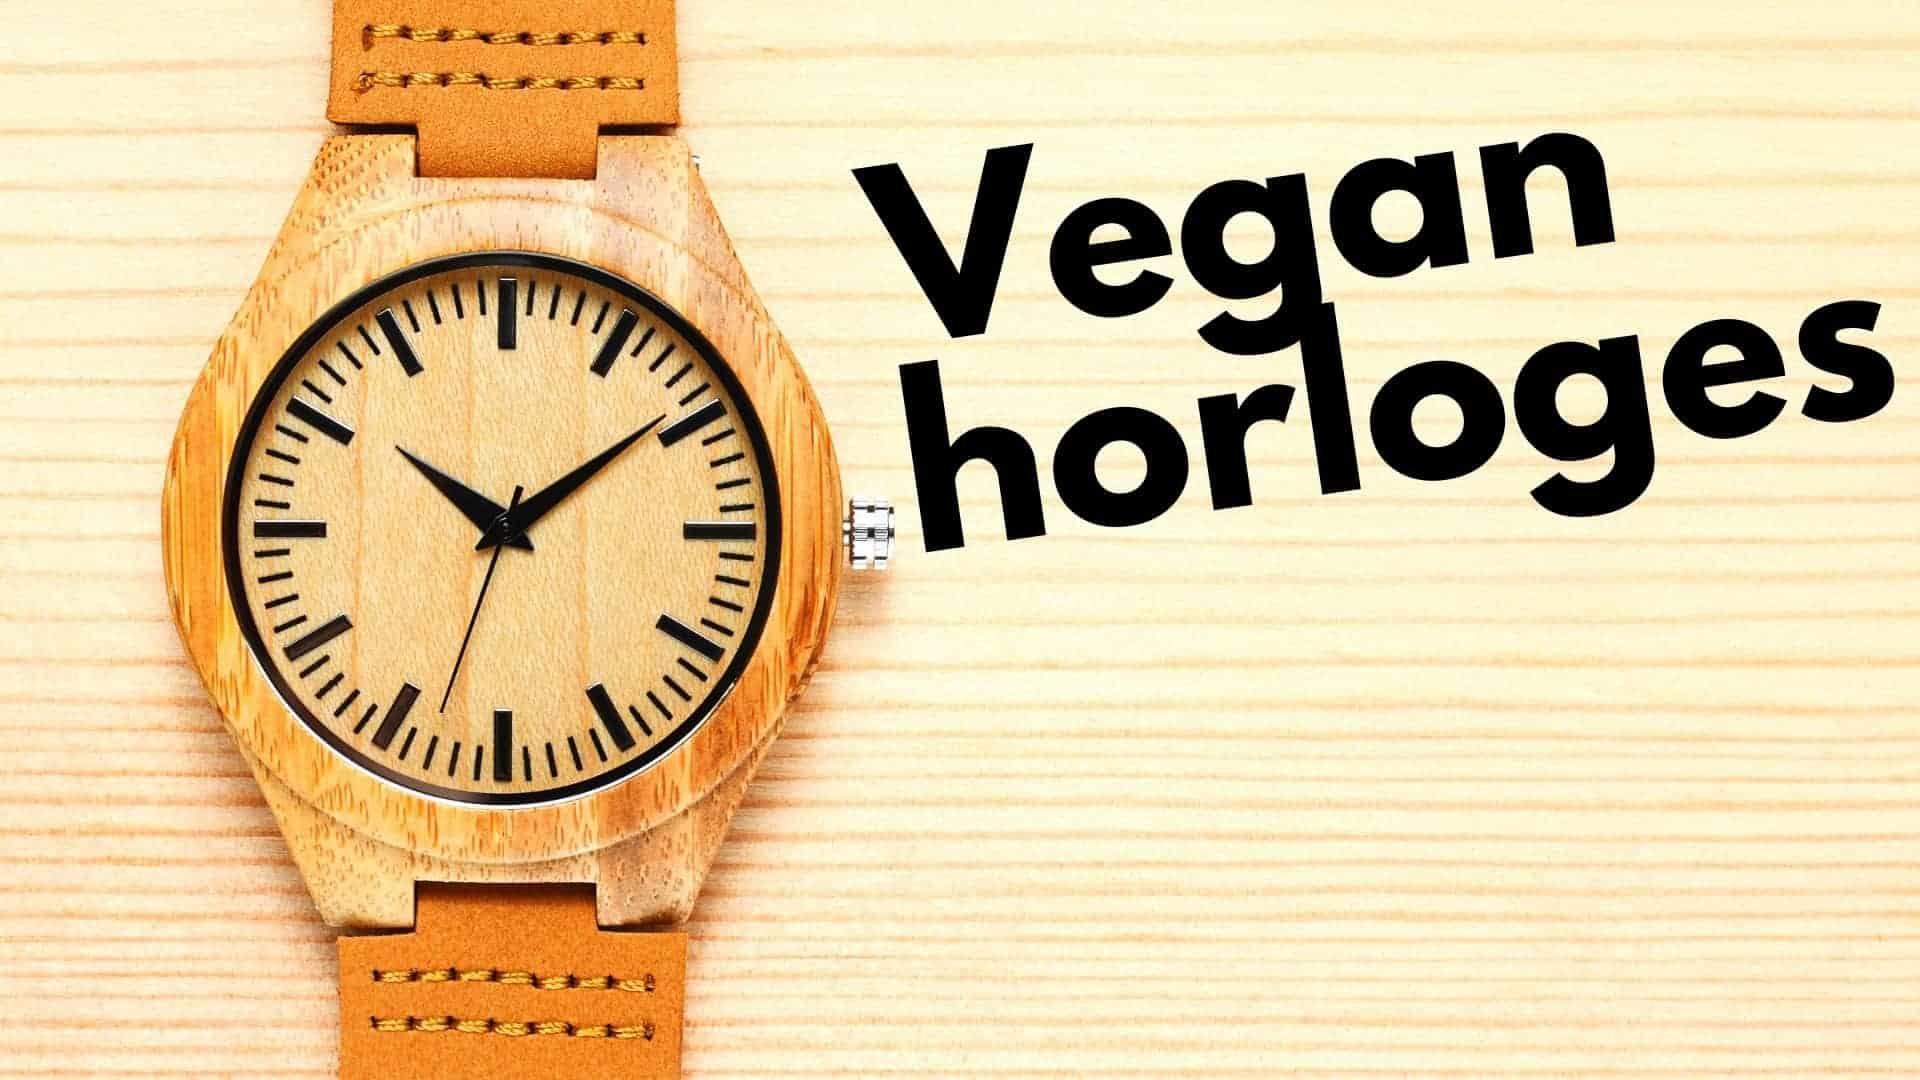 9 leukste vegan horloges beoordeeld: van vegan leer tot bamboe